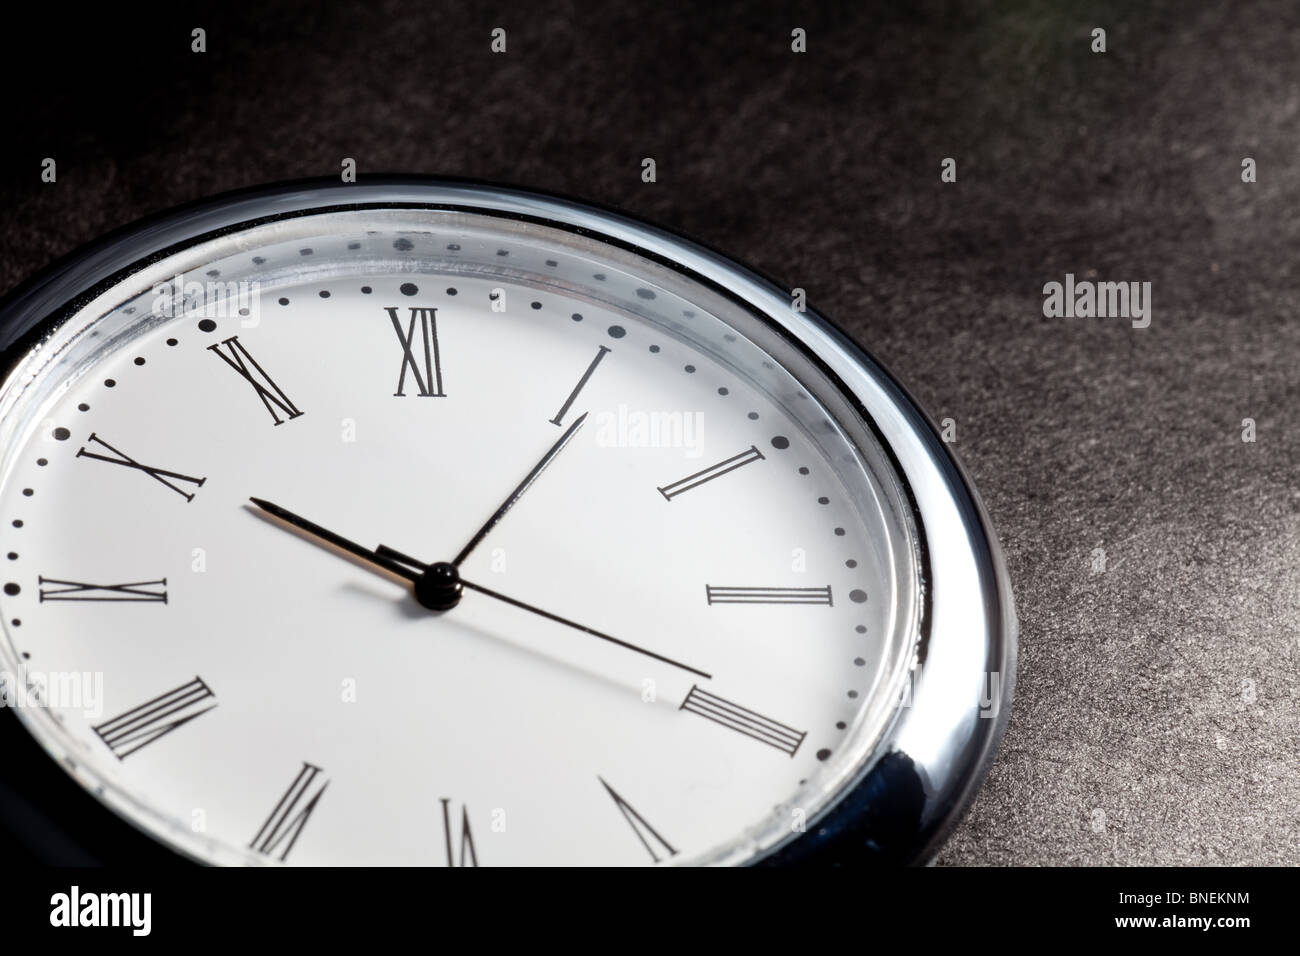 Cerca del reloj con fondo oscuro Imagen De Stock